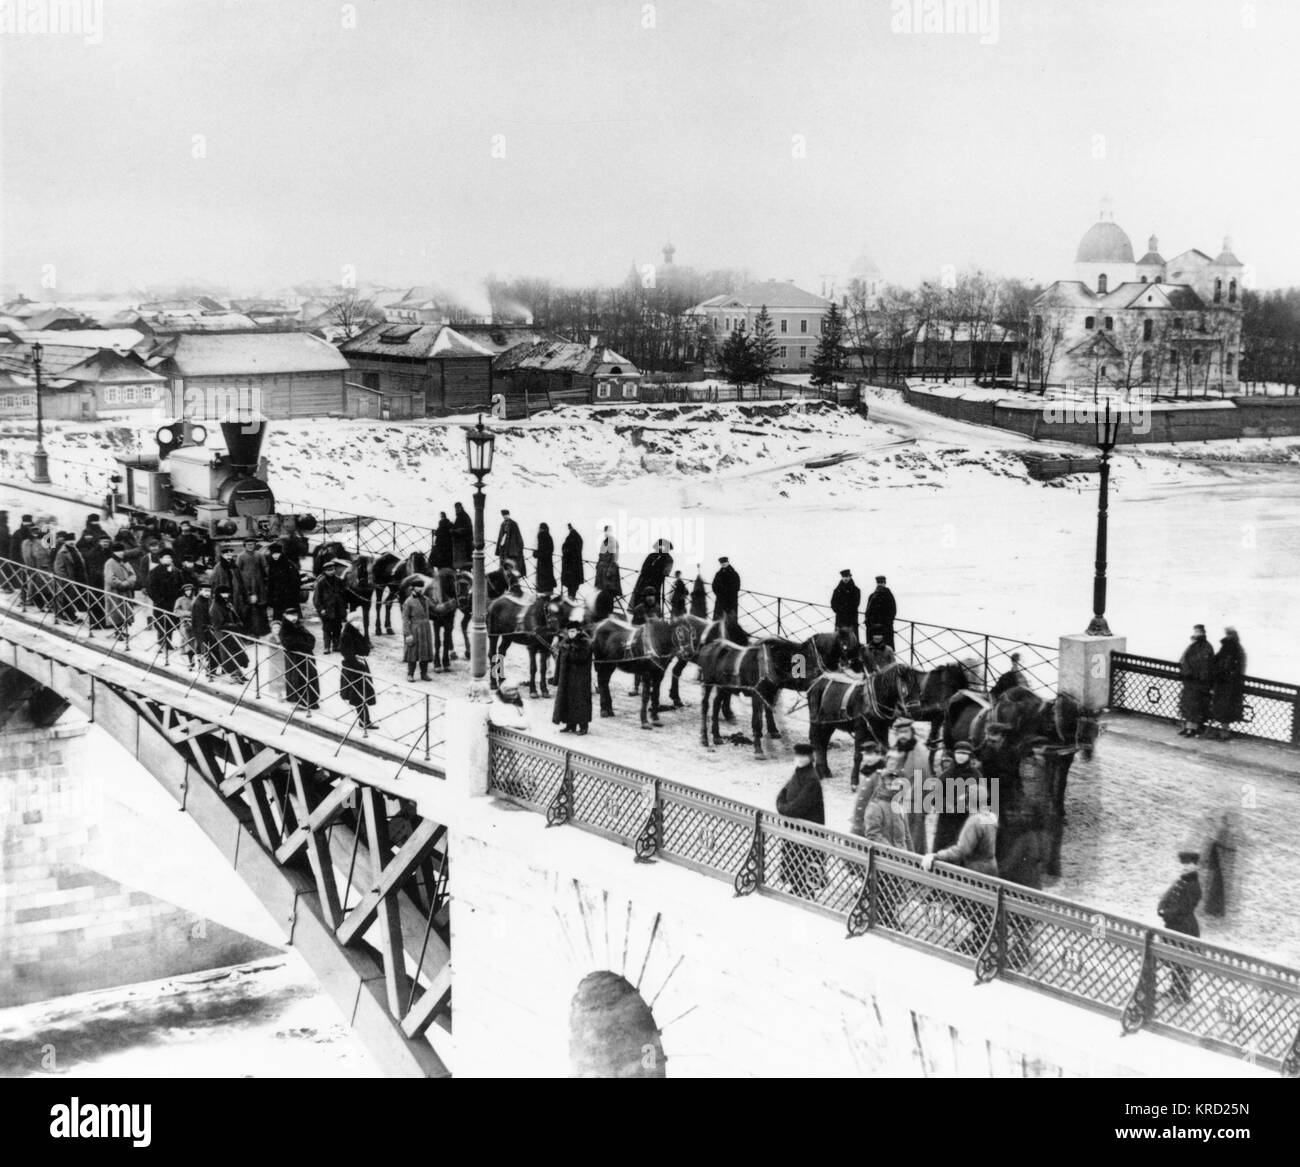 Vista de un puente que una locomotora está siendo arrastrado por 14 caballos para ser entregado a la línea Imagen De Stock